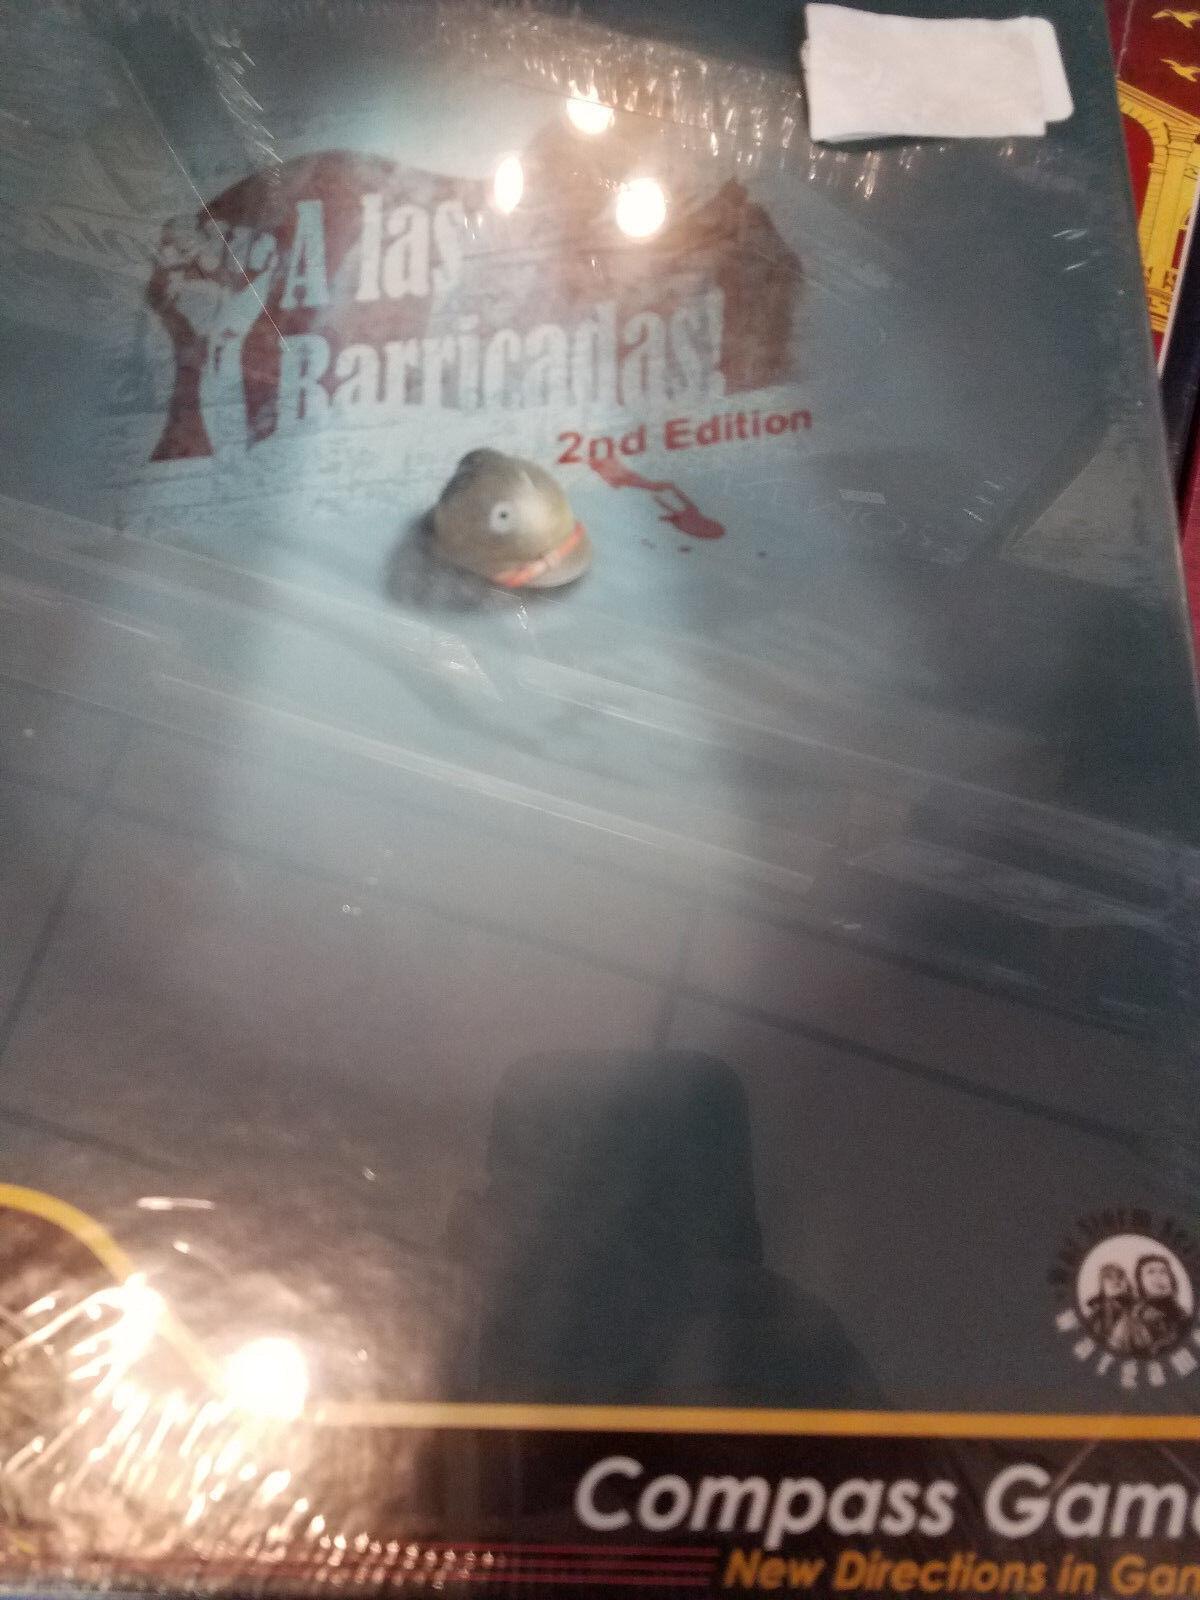 A LAS barrias 2nd Edition-Compass Games Jeu de plateau NOUVEAU  Guerre Storm Série